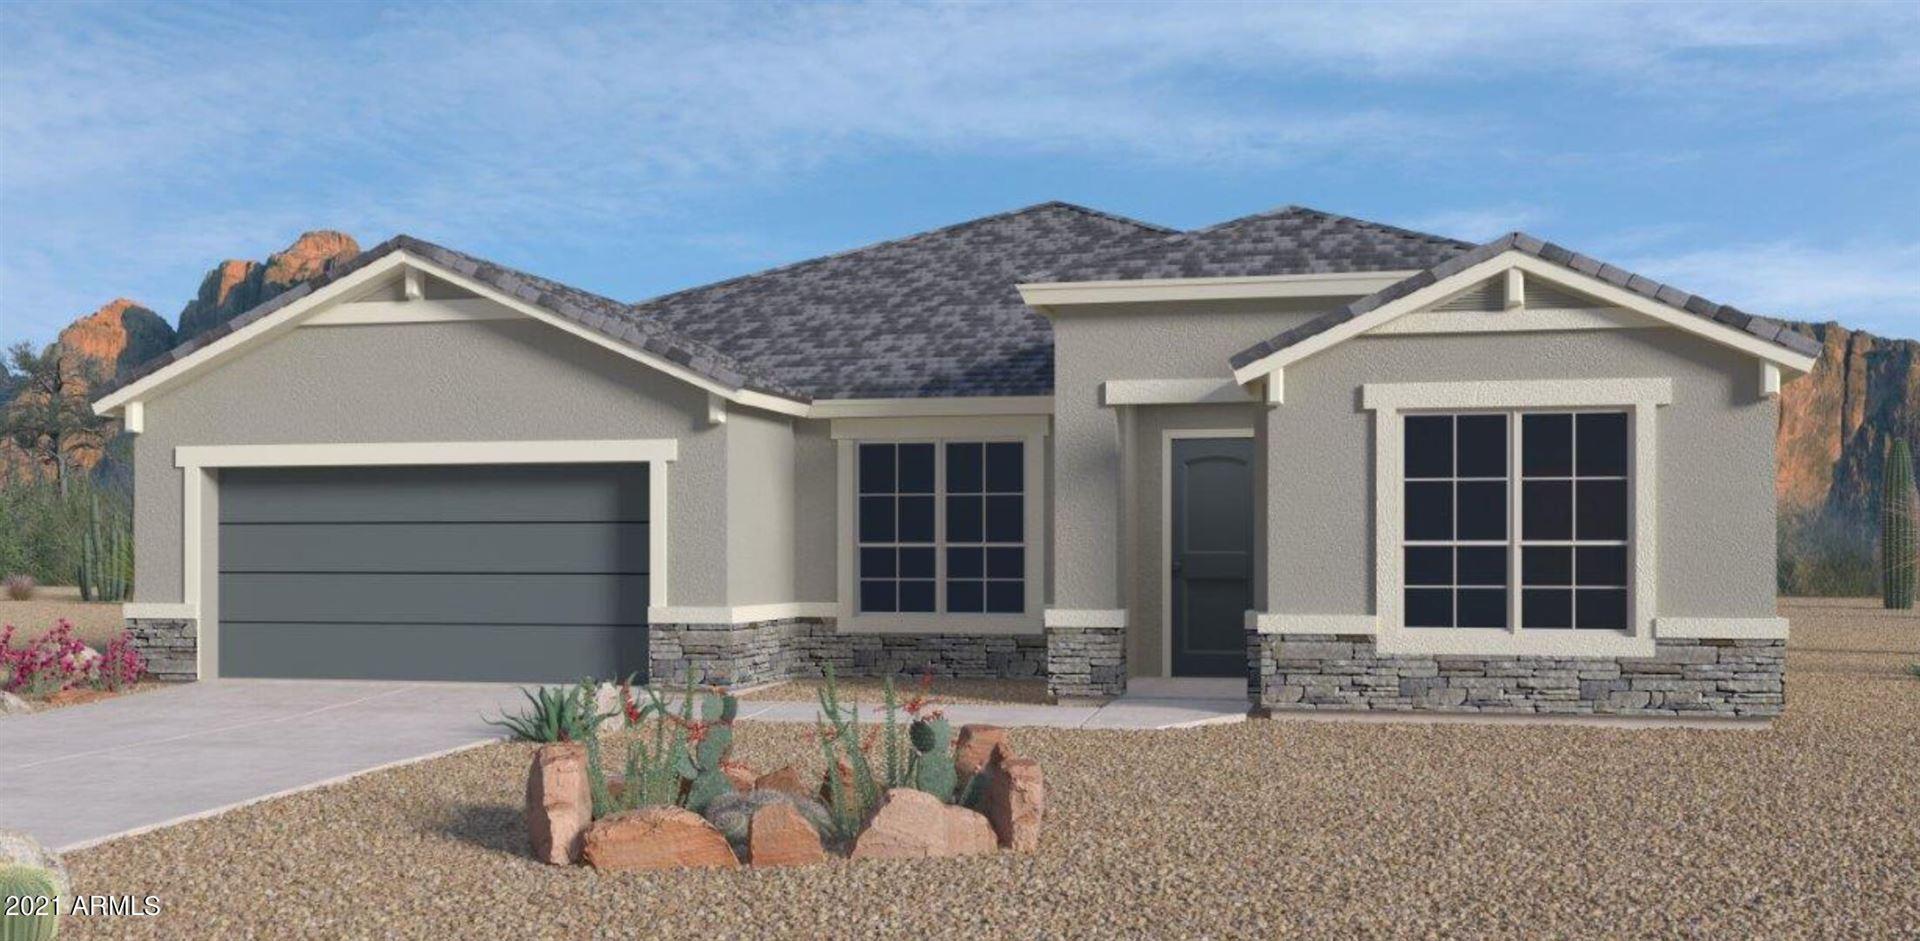 Photo for 44433 W PALO AMARILLO Road, Maricopa, AZ 85138 (MLS # 6240059)